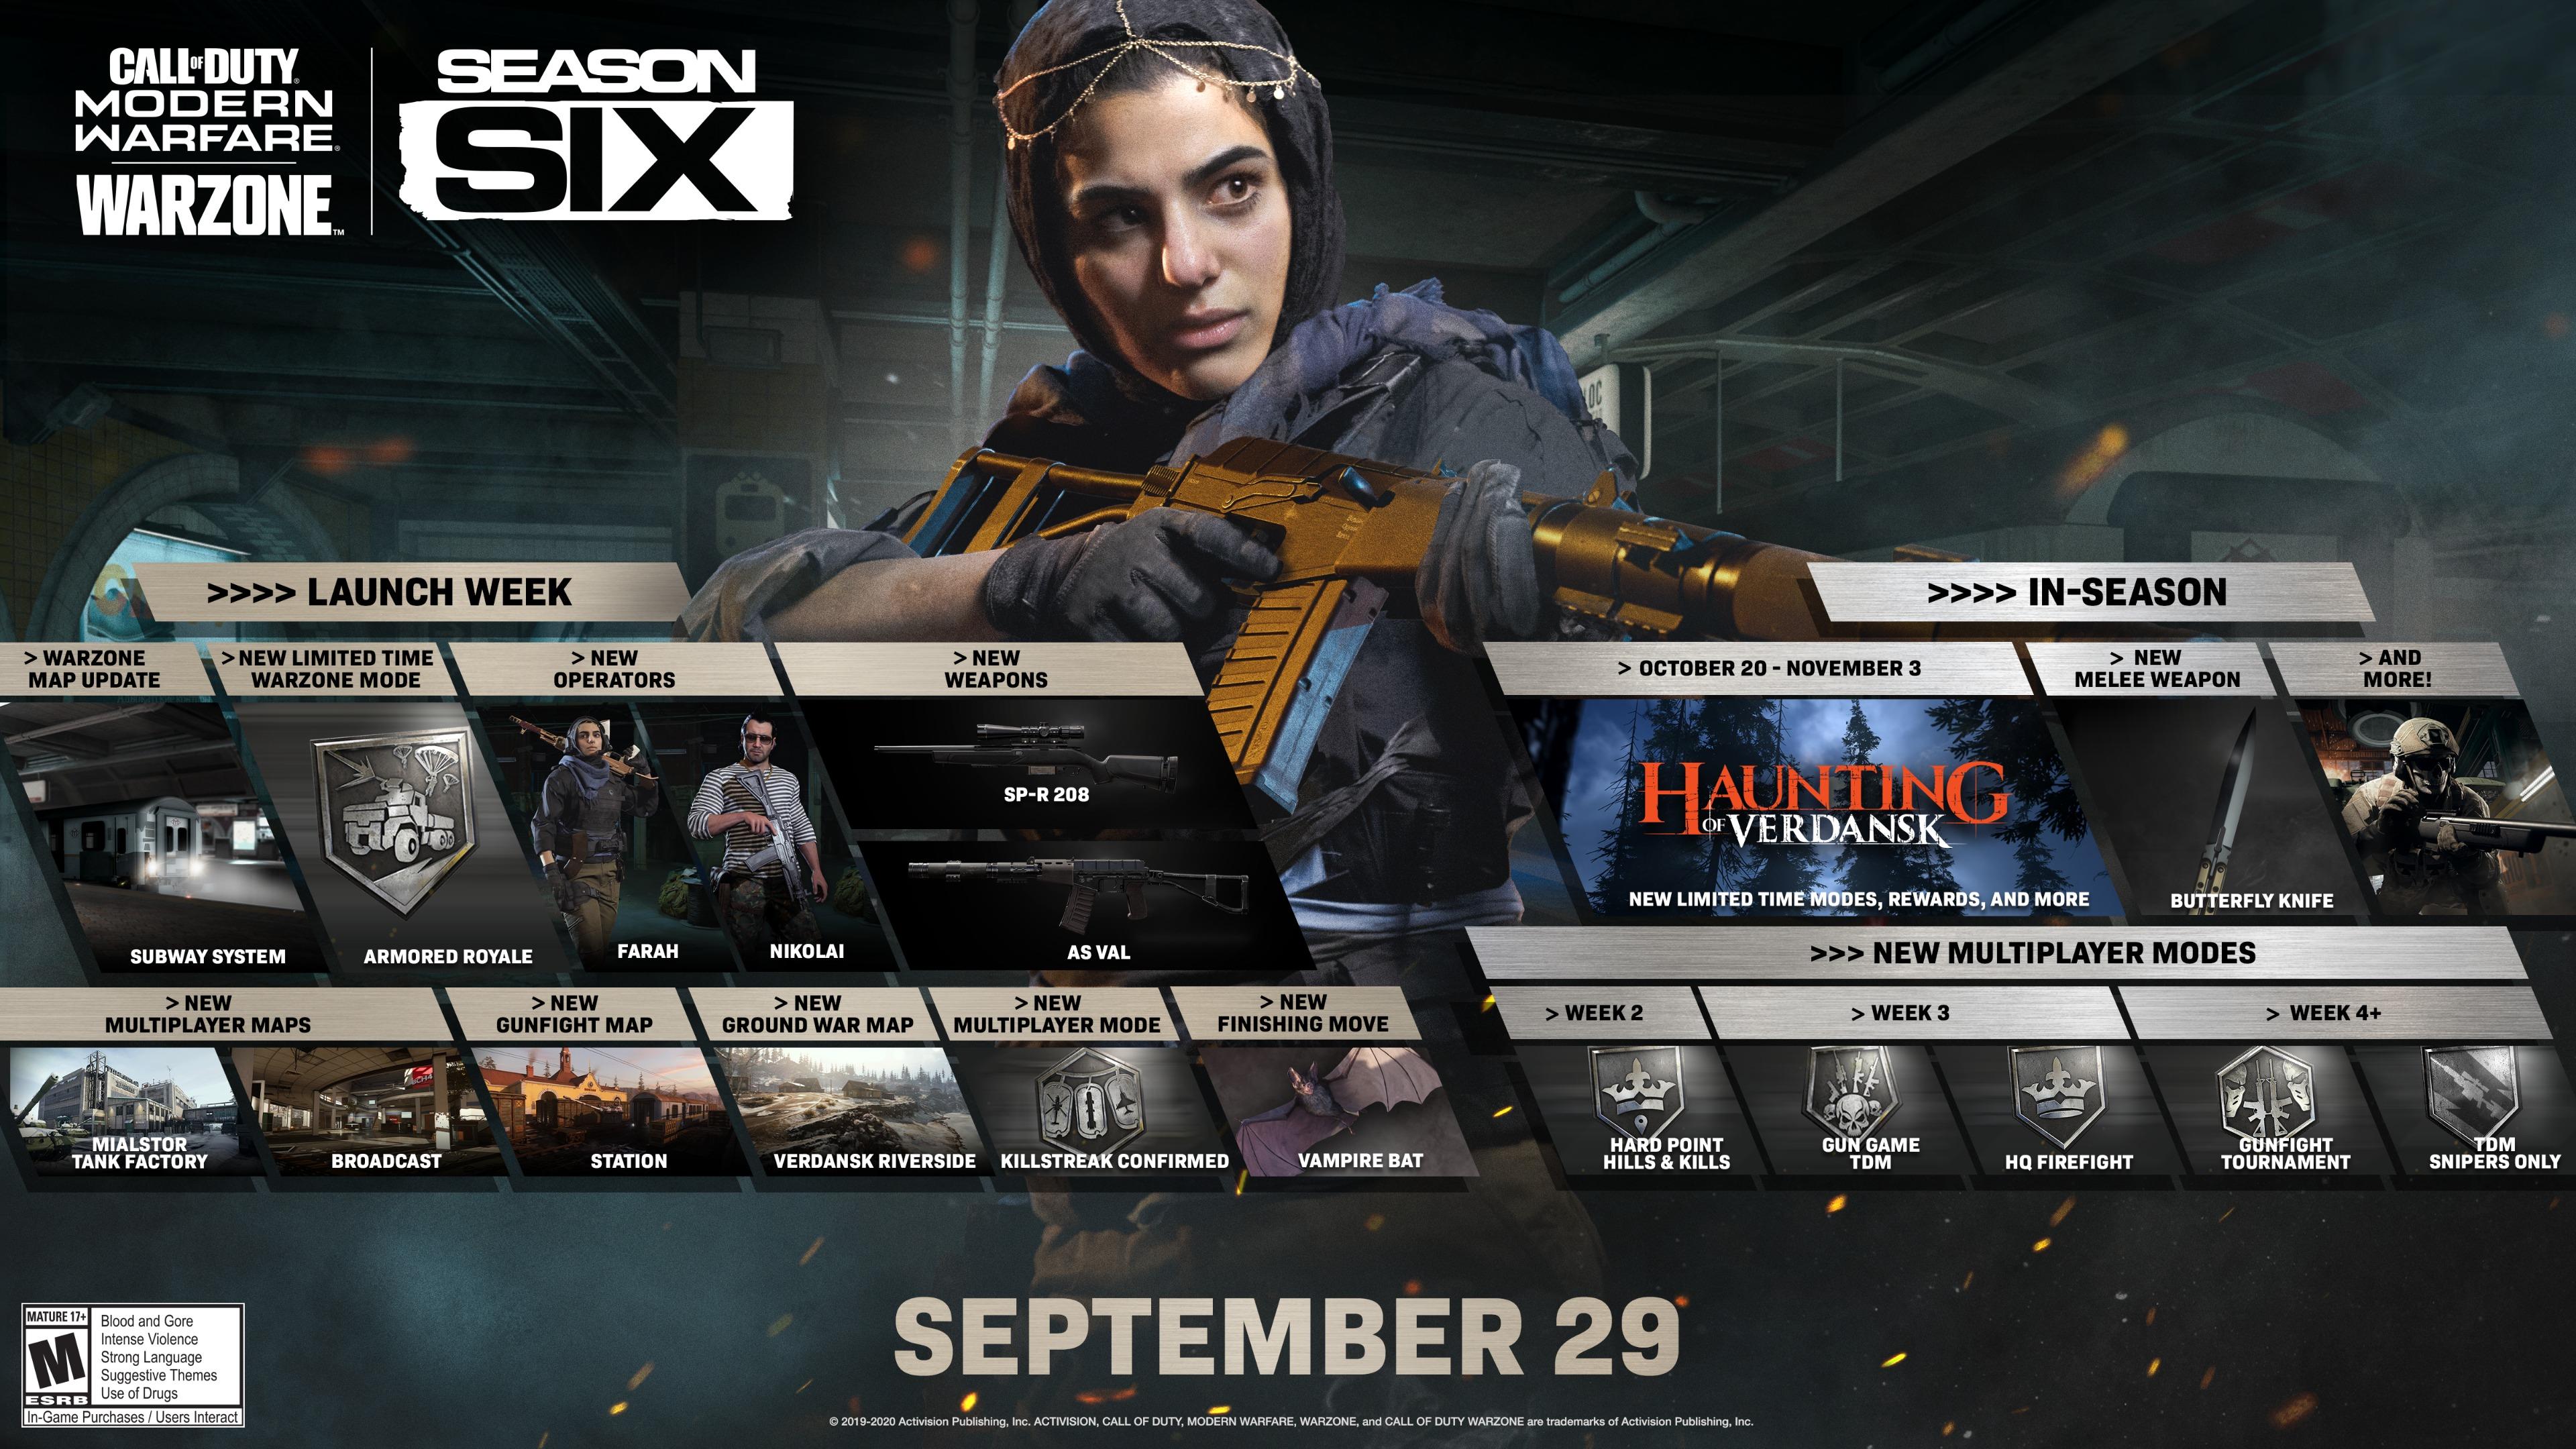 《使命召唤:现代战争》第六赛季将启 季中活动10月到来